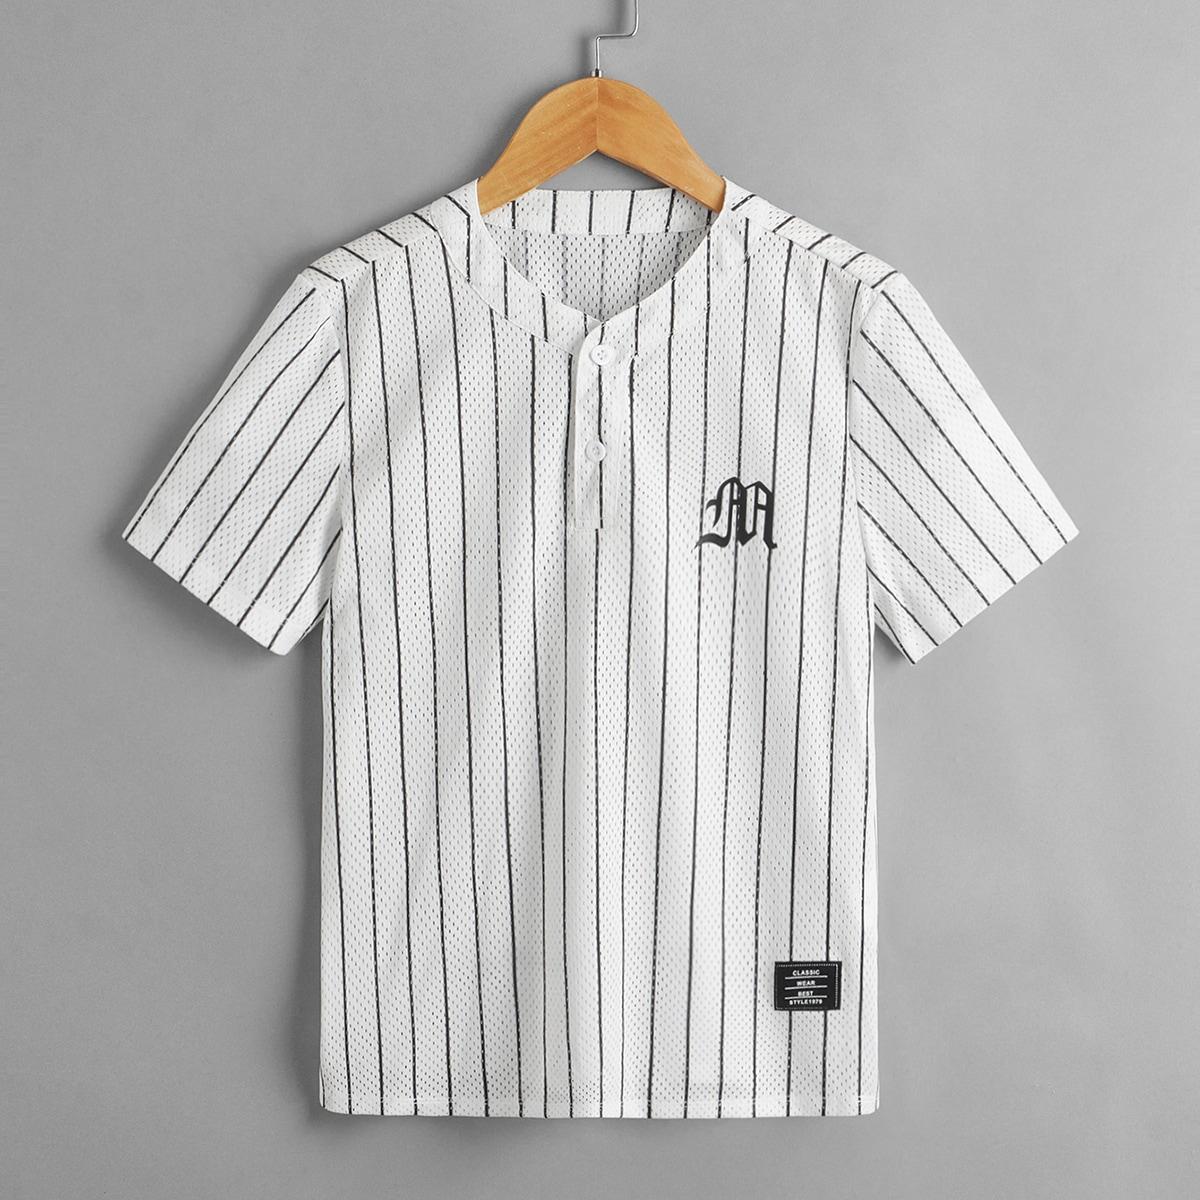 Пуговица буква Полосатый Повседневный Рубашки для мальчиков